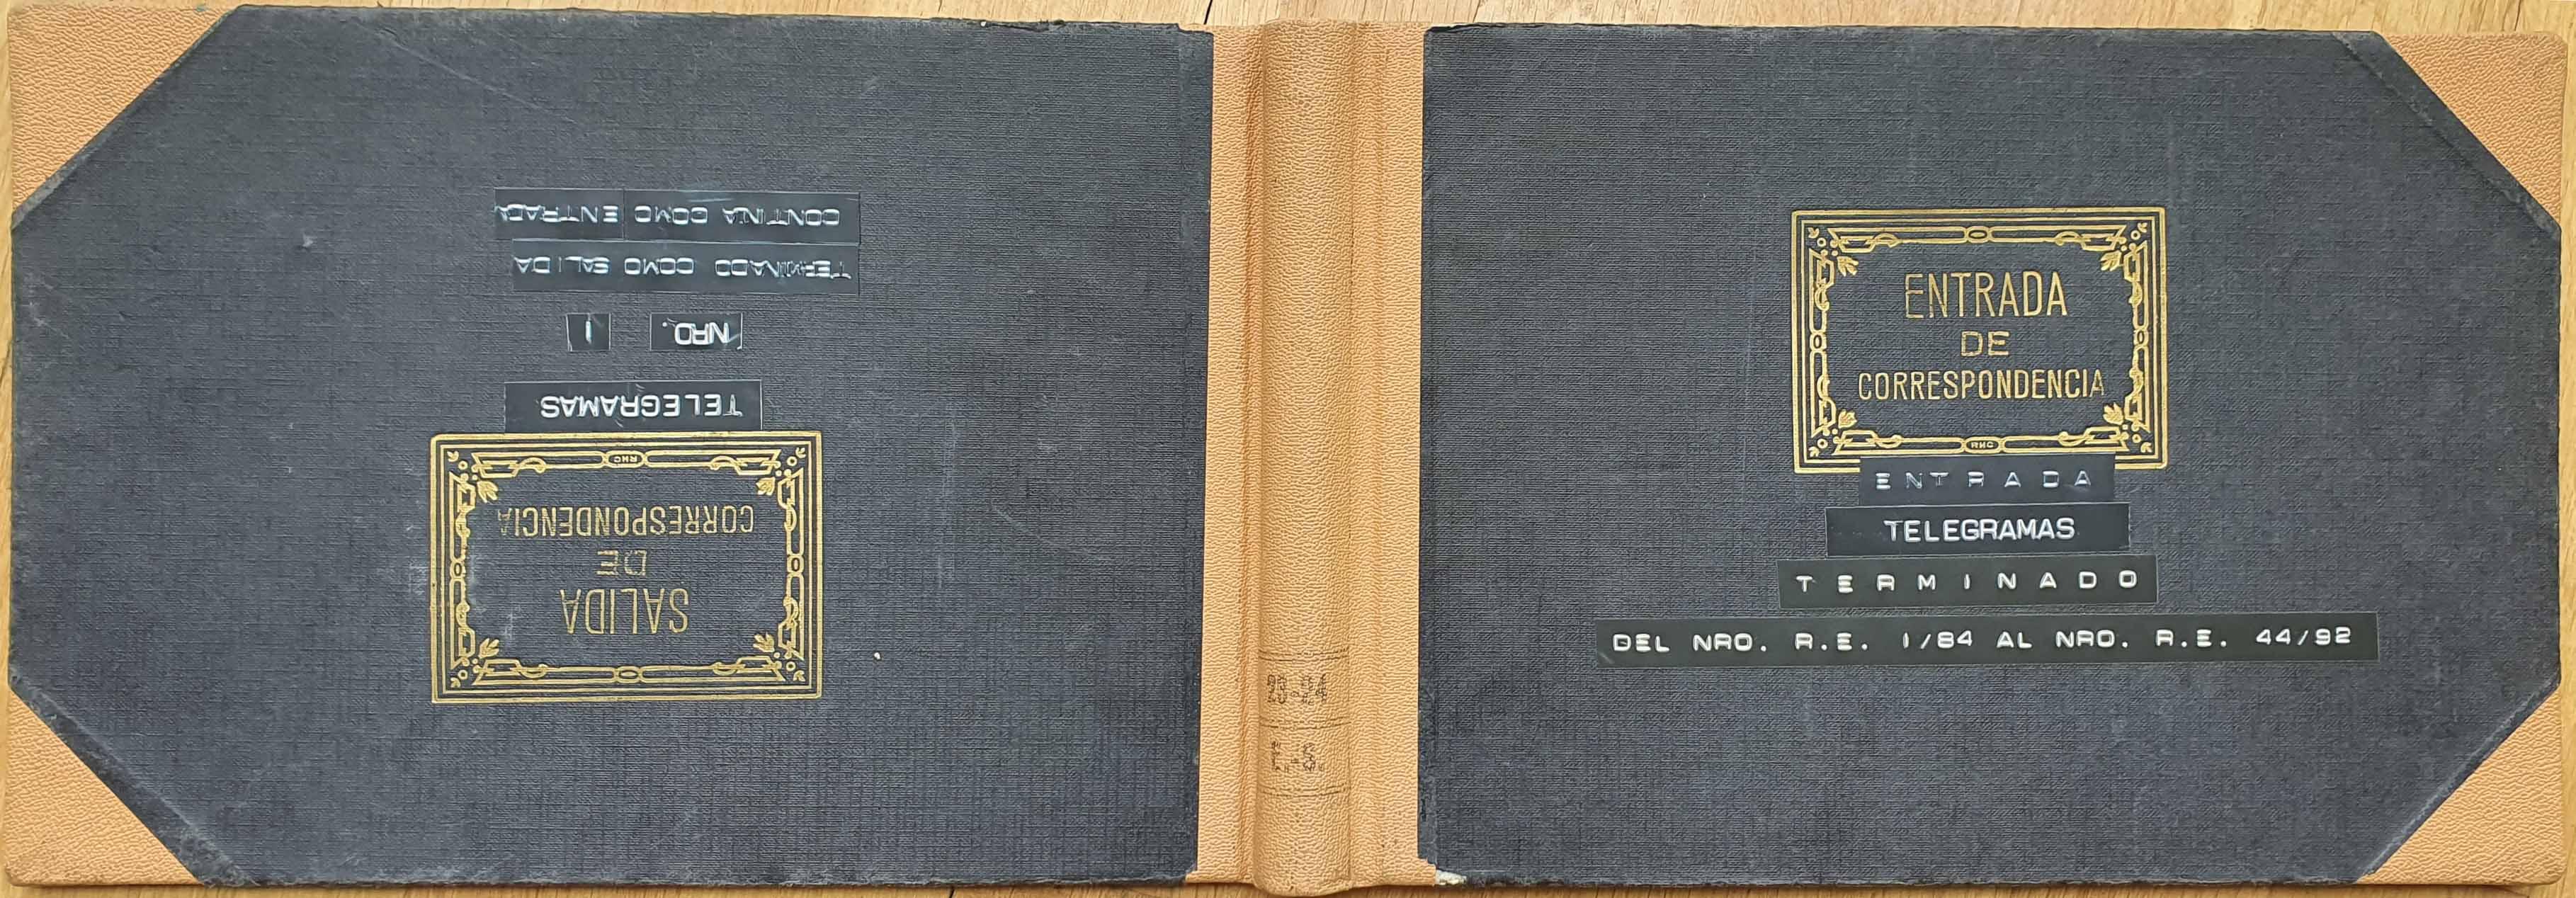 Llibre de registre de telegrames, dues cobertes